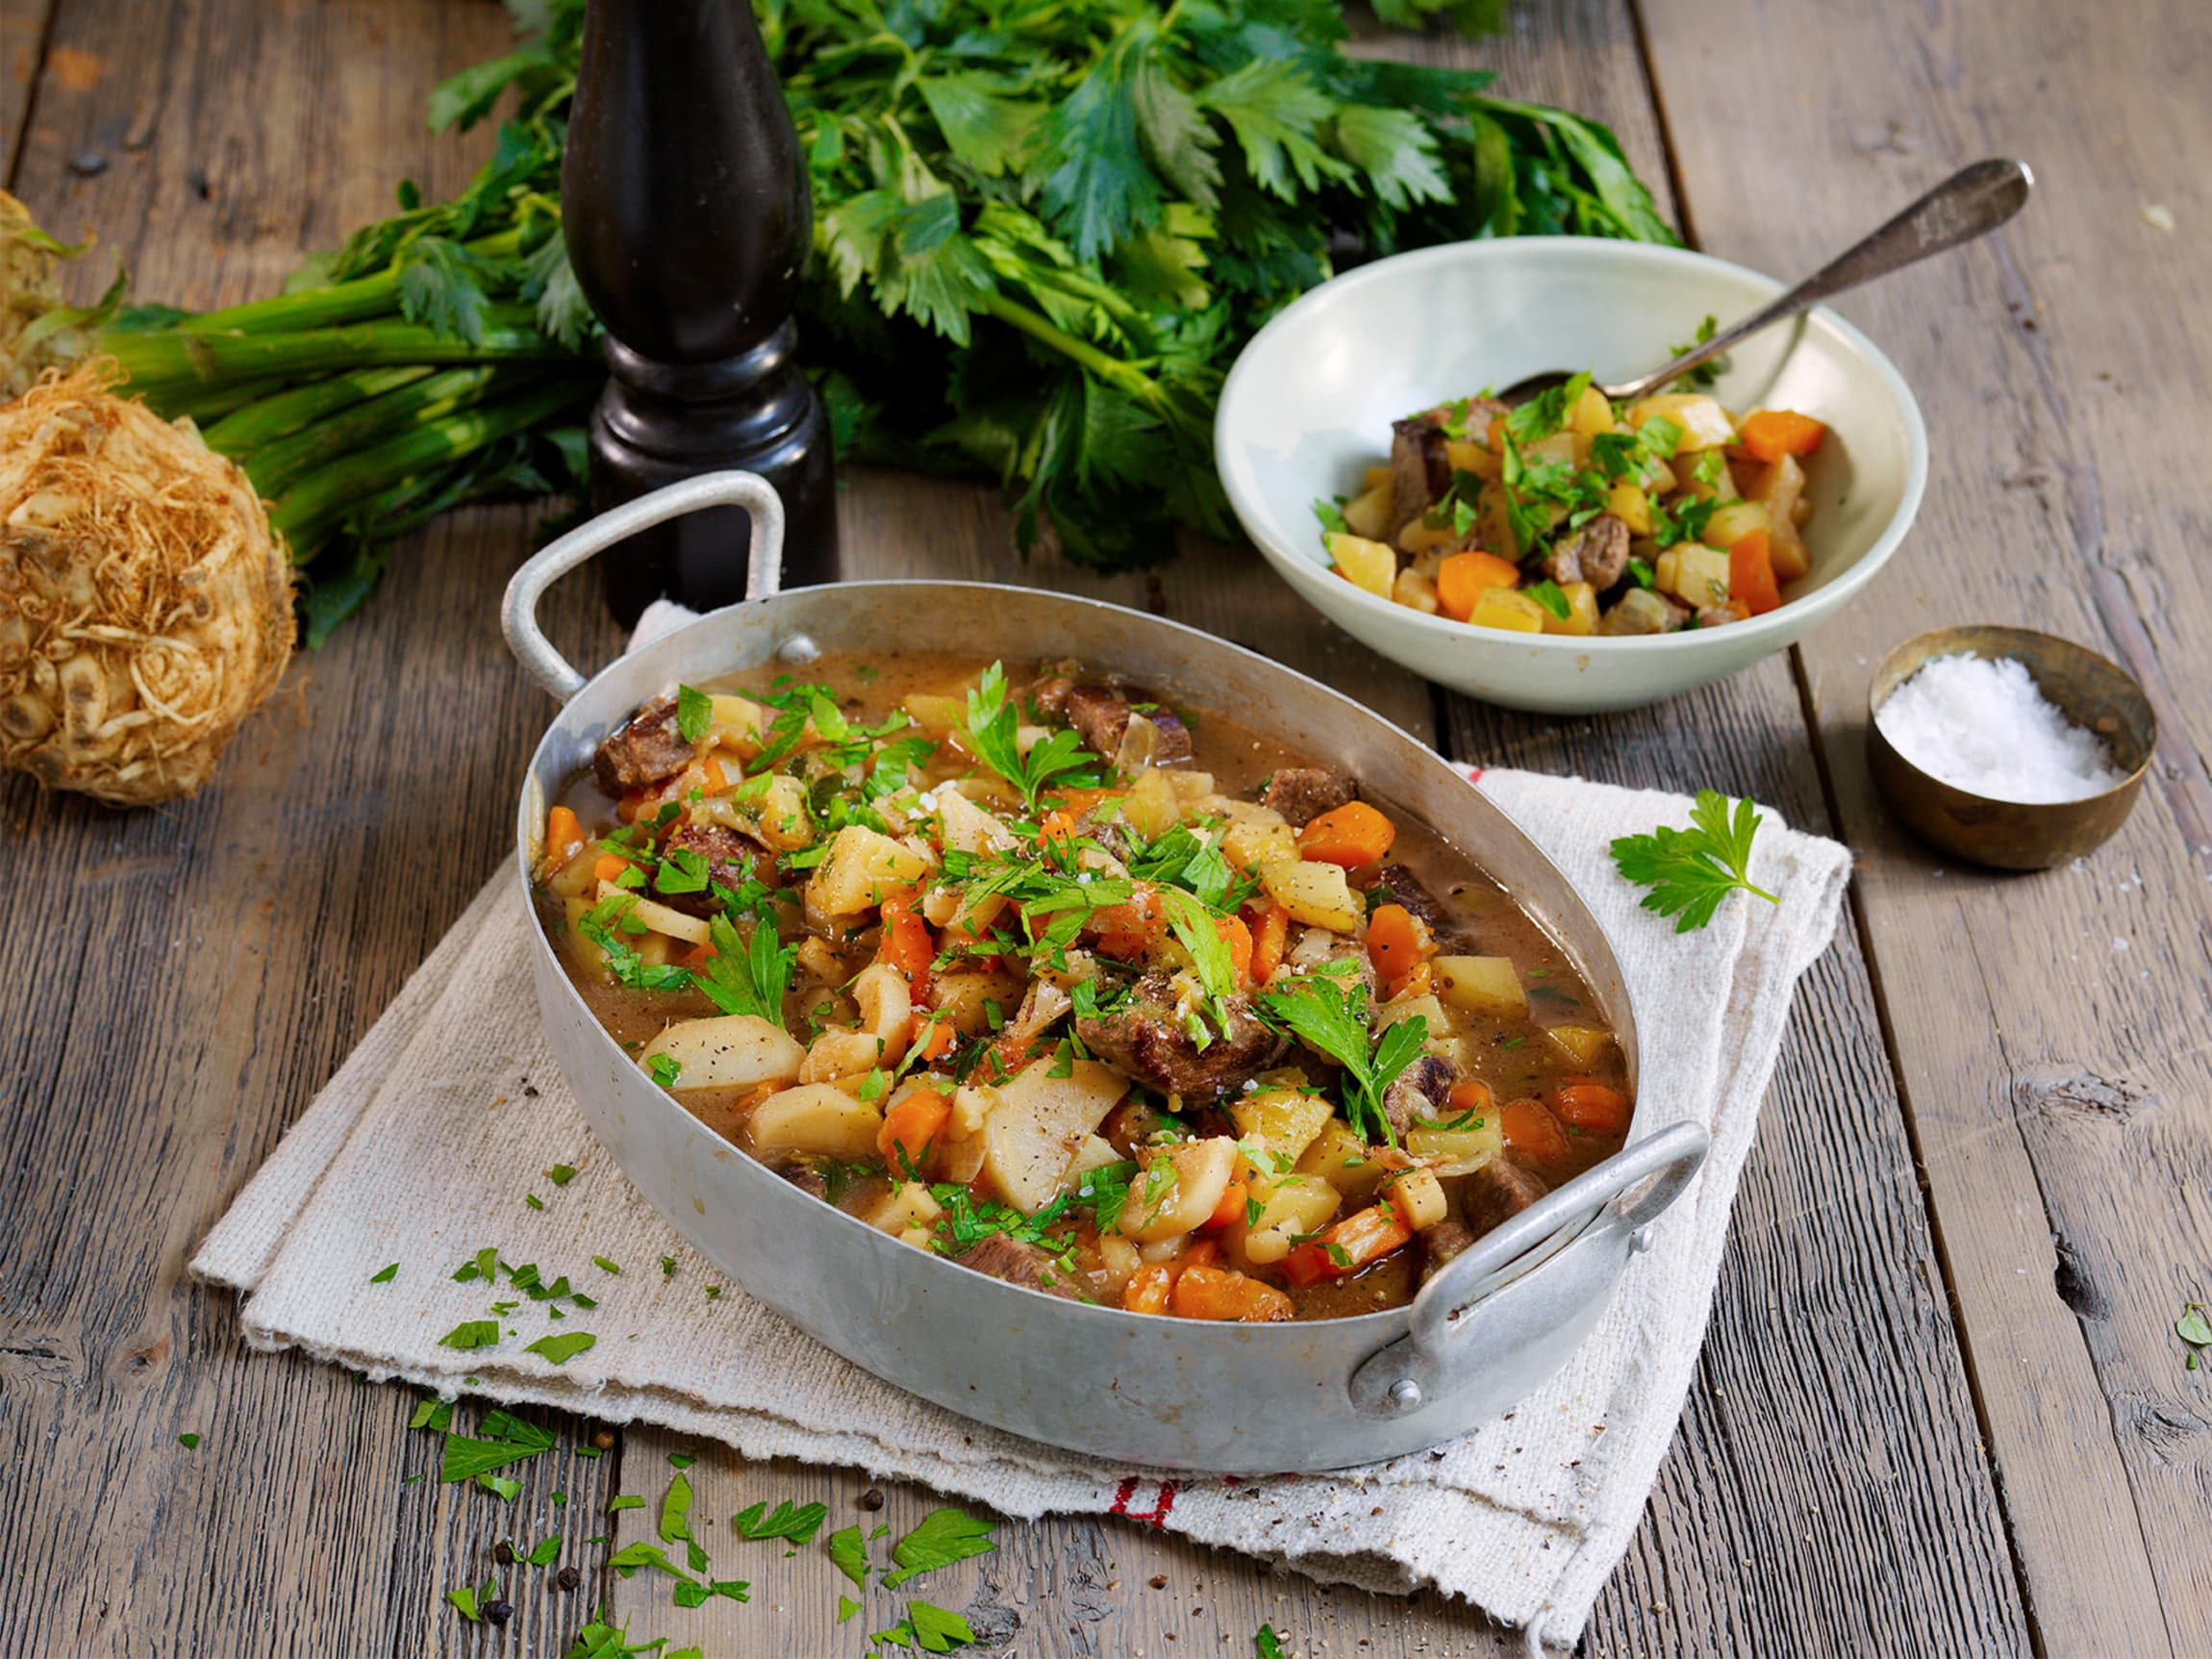 Hjemmelaget lapskaus er en varmende klassiker til kjølige kvelder, og med høstens rotgrønnsaker får du en smaksrik middag med flotte høstfarger.